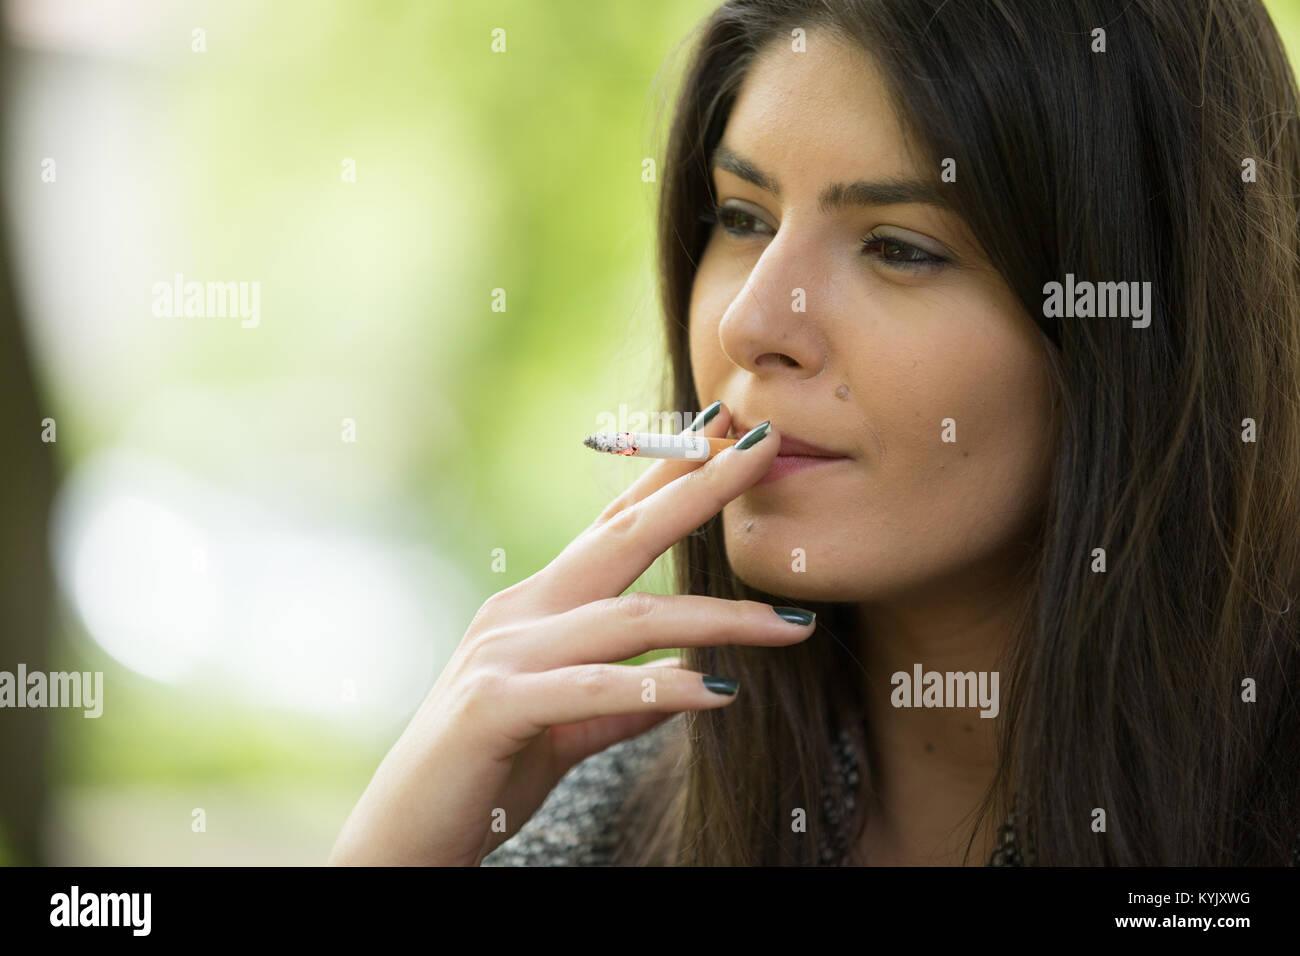 Black bbw smoking